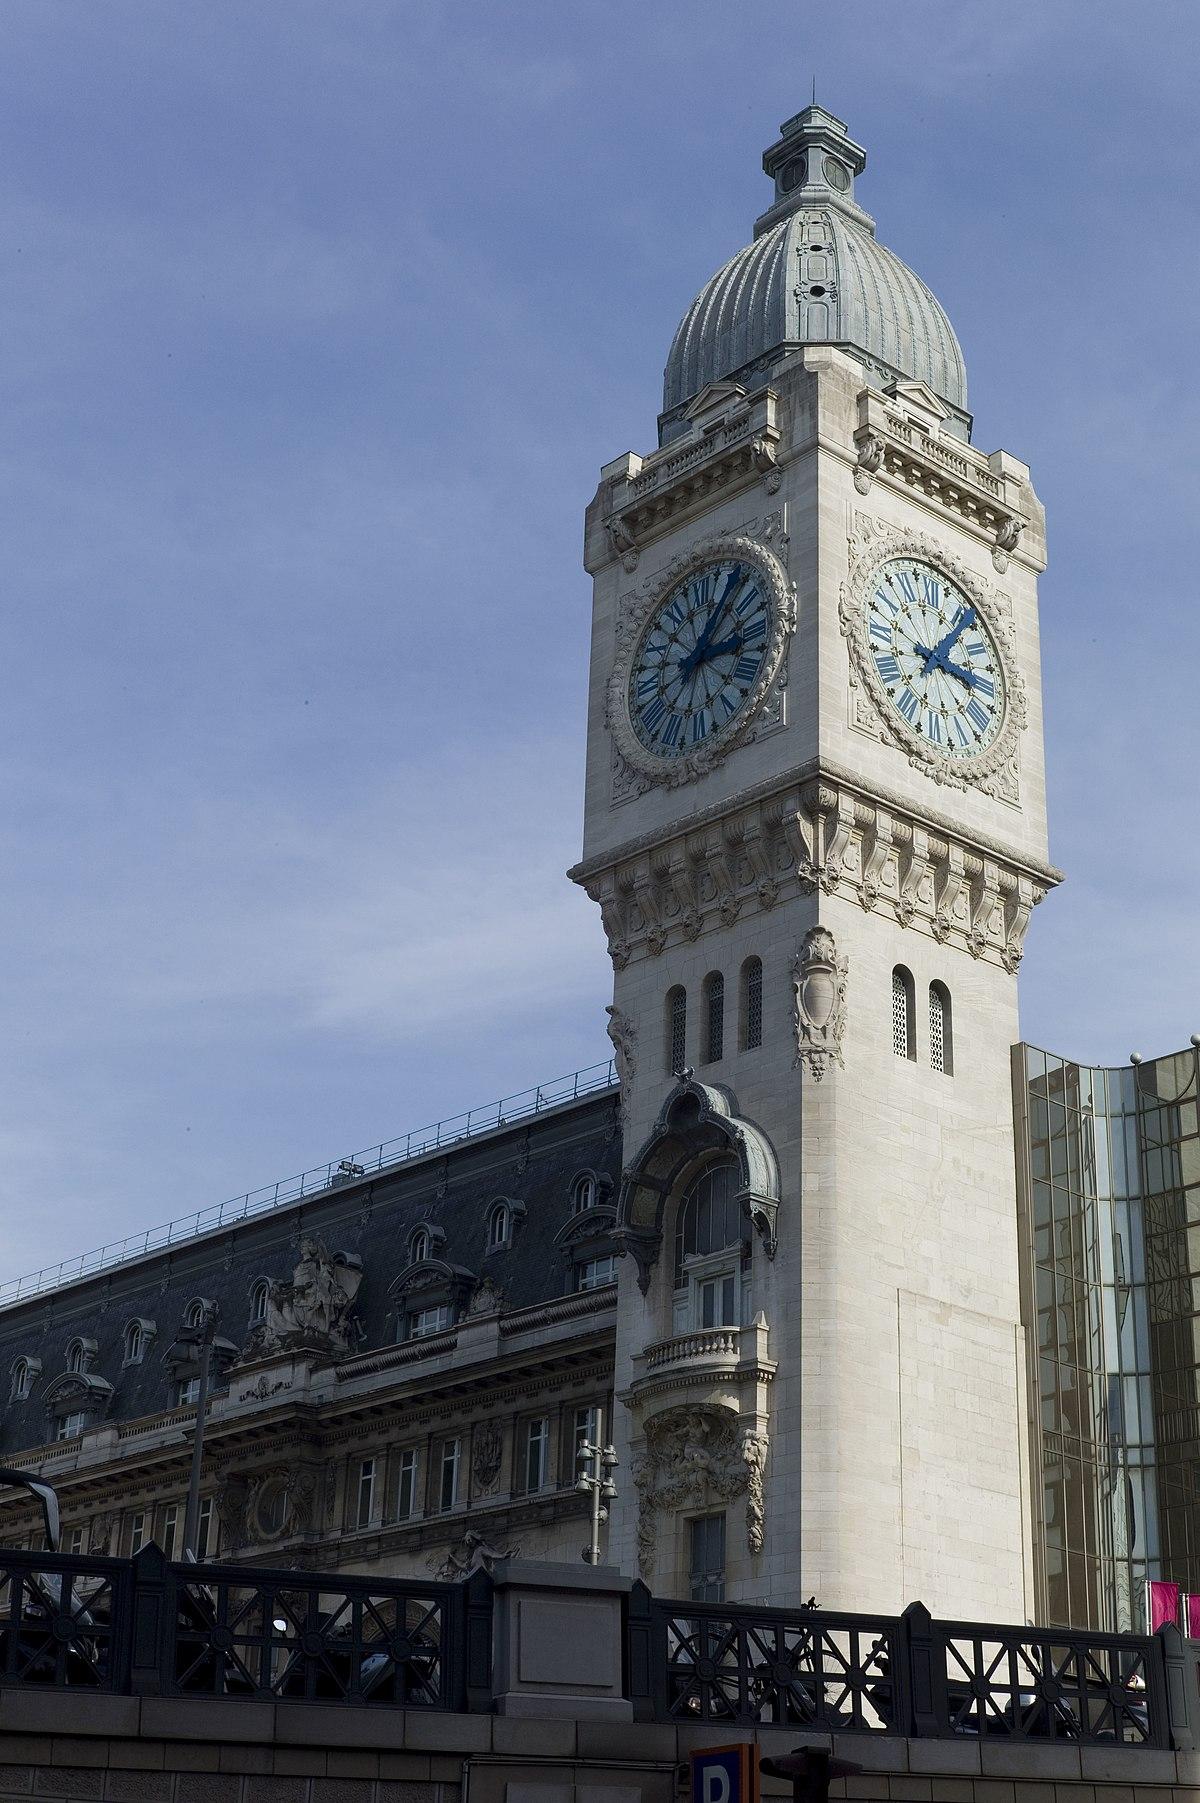 Horloge monumentale wikip dia - Gare de lyon jardin des plantes ...